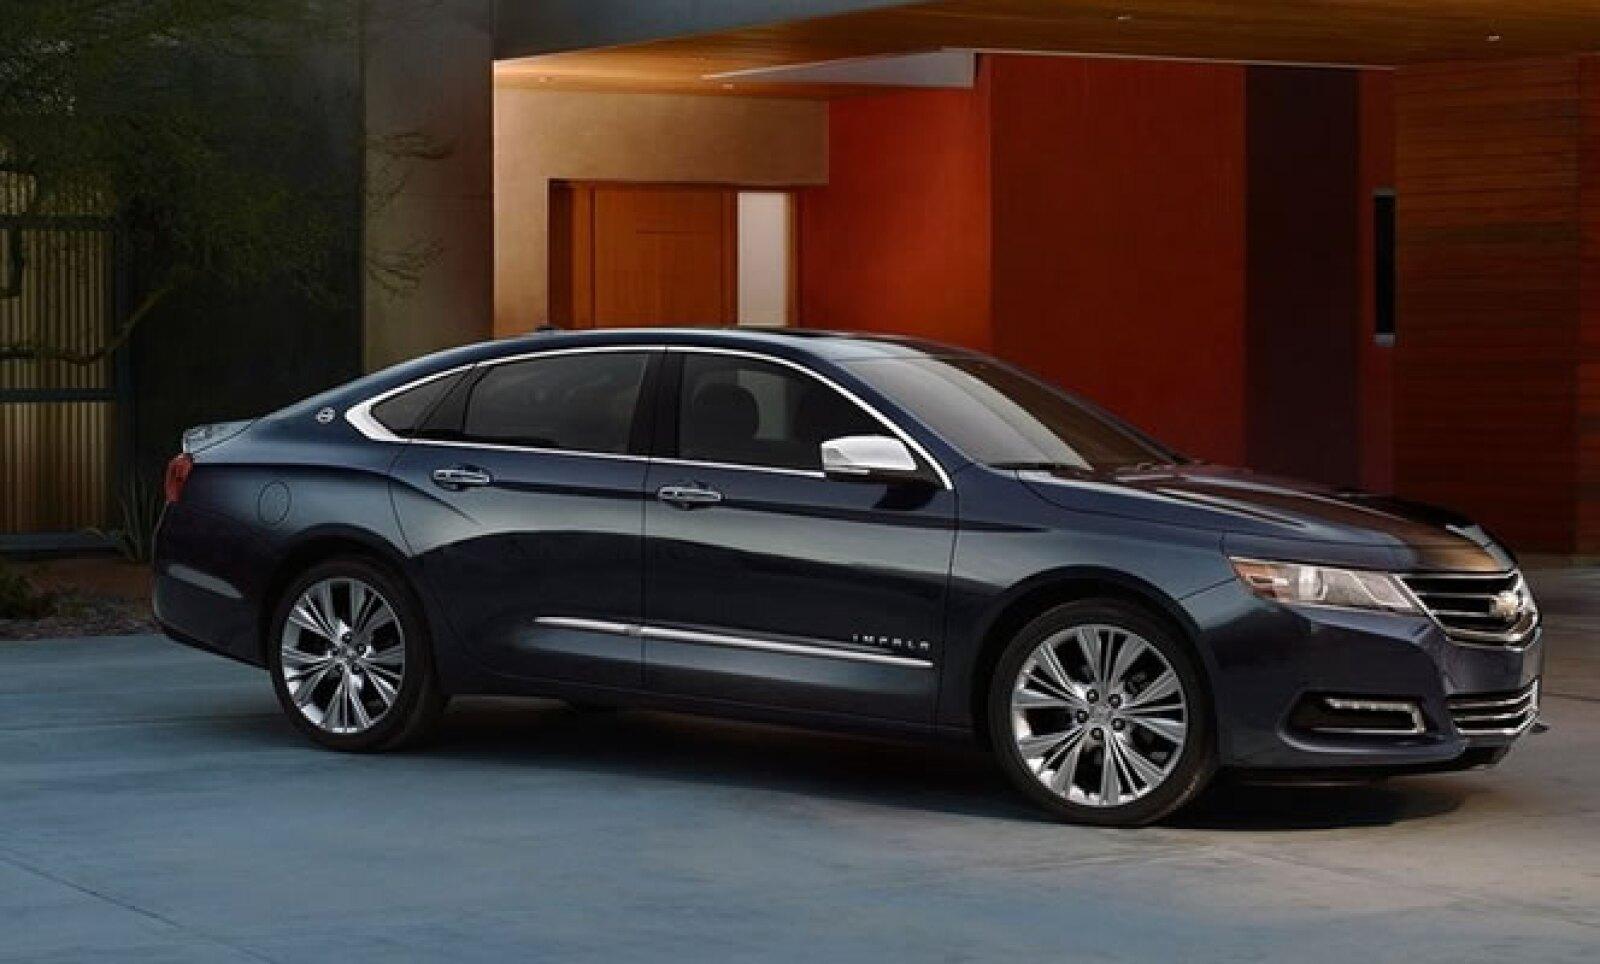 La firma norteamericana Chevrolet presentó su renovado modelo que nos deja ver la dirección que tomará el diseño para los futuros sedanes del fabricante.